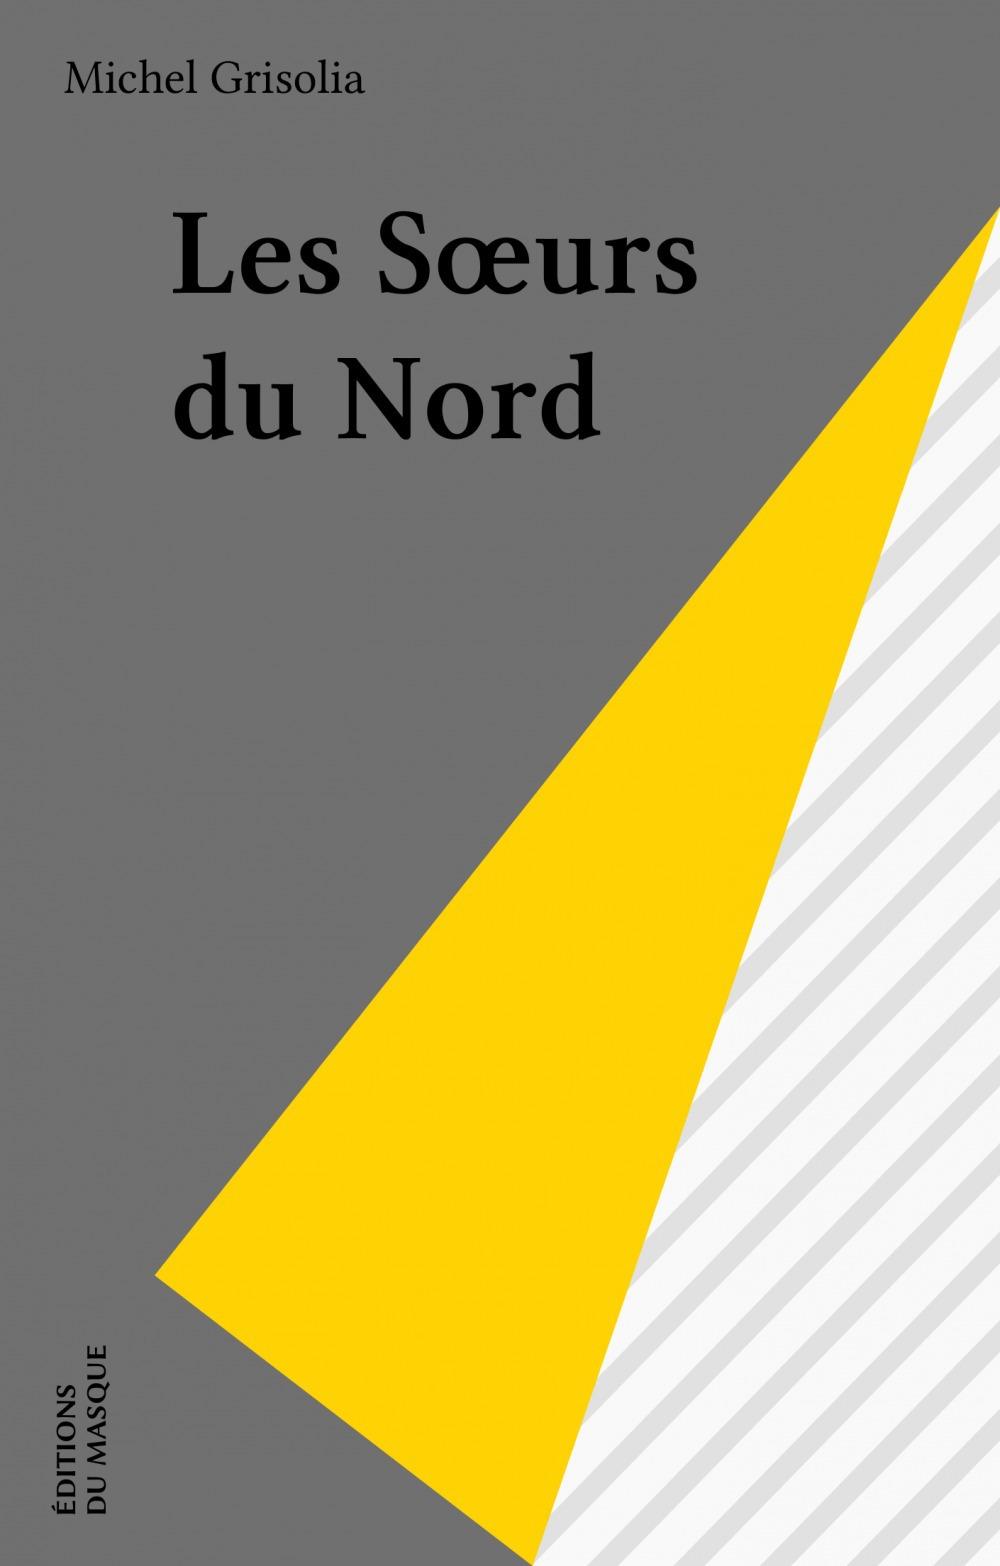 Les Soeurs du Nord  - Michel Grisolia